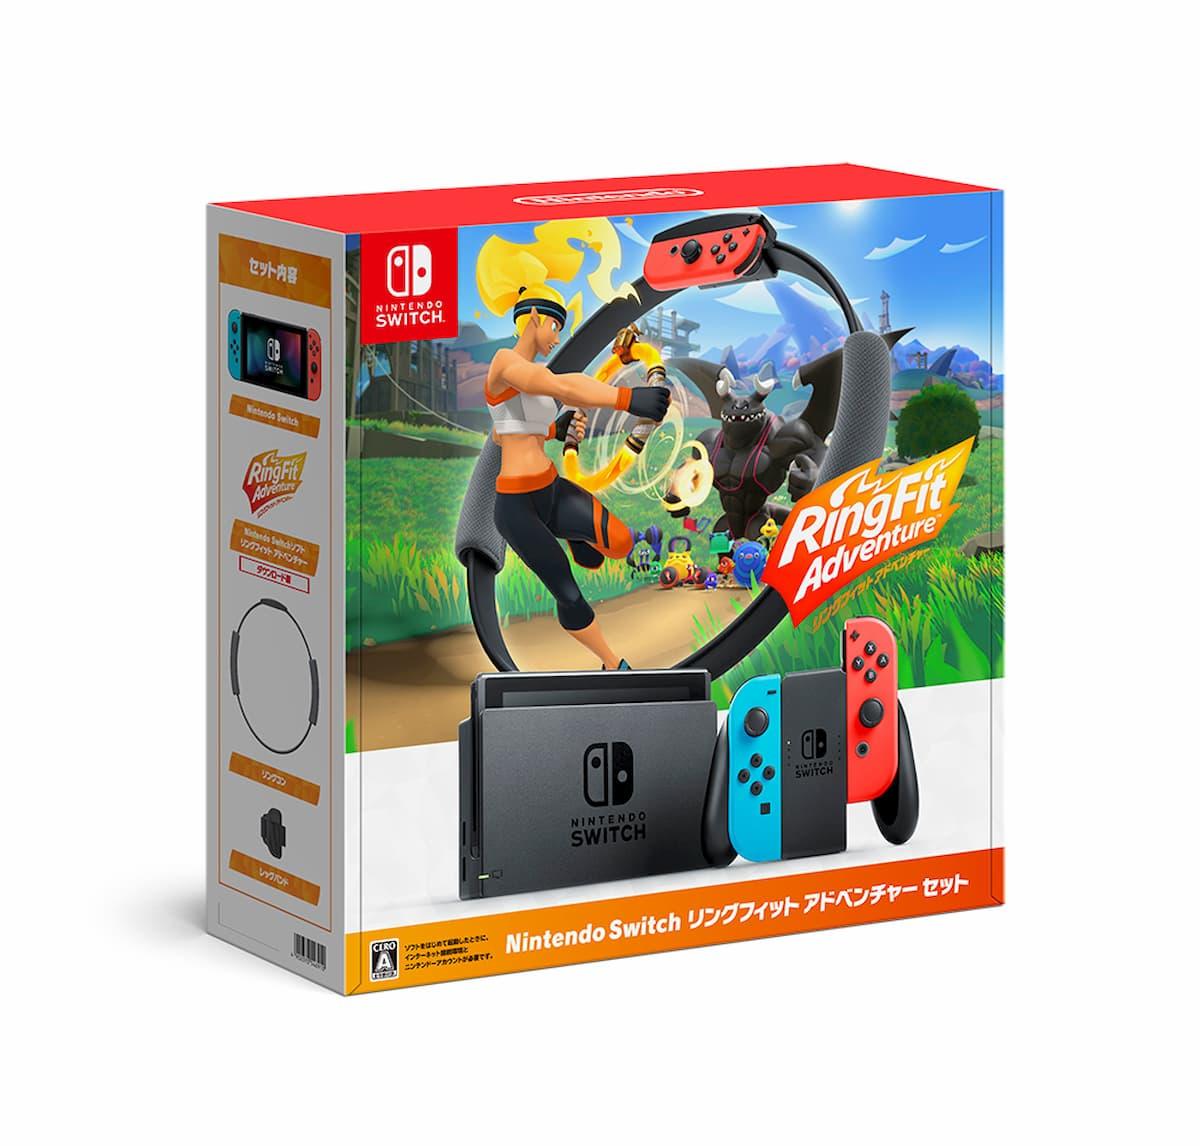 Nintendo Switch リングフィットアドベンチャー セット